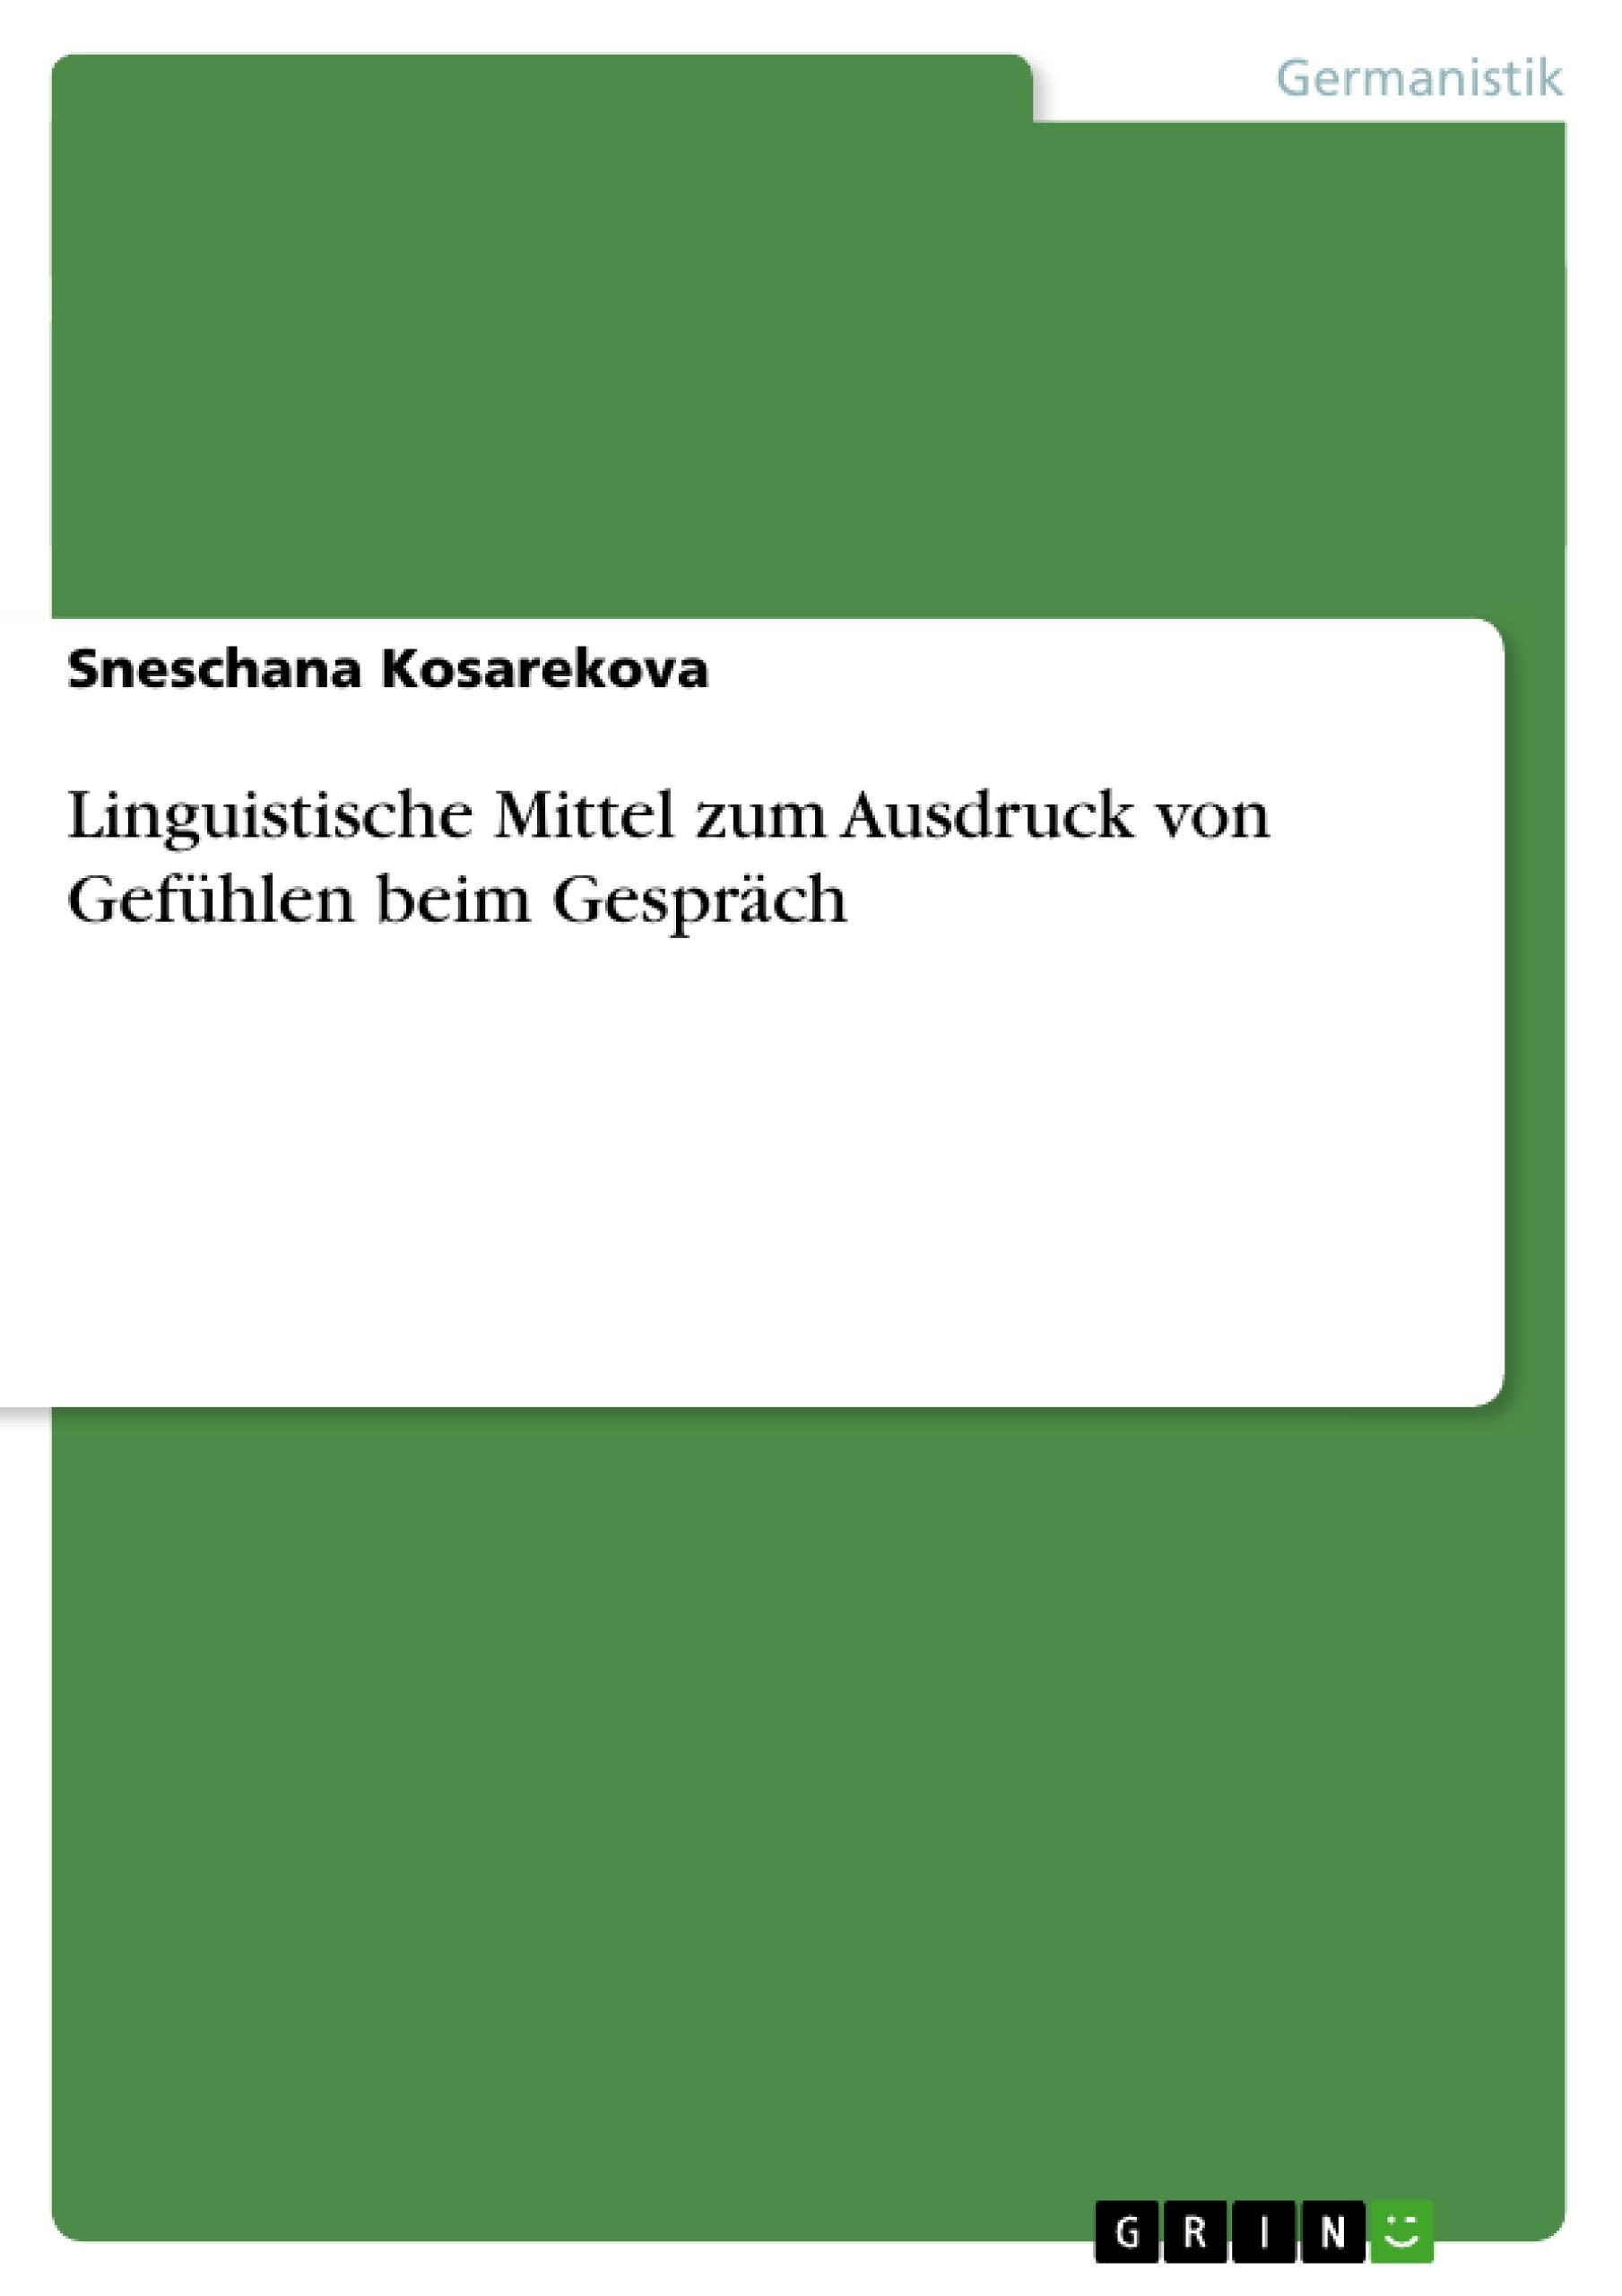 Titel: Linguistische Mittel zum Ausdruck von Gefühlen beim Gespräch